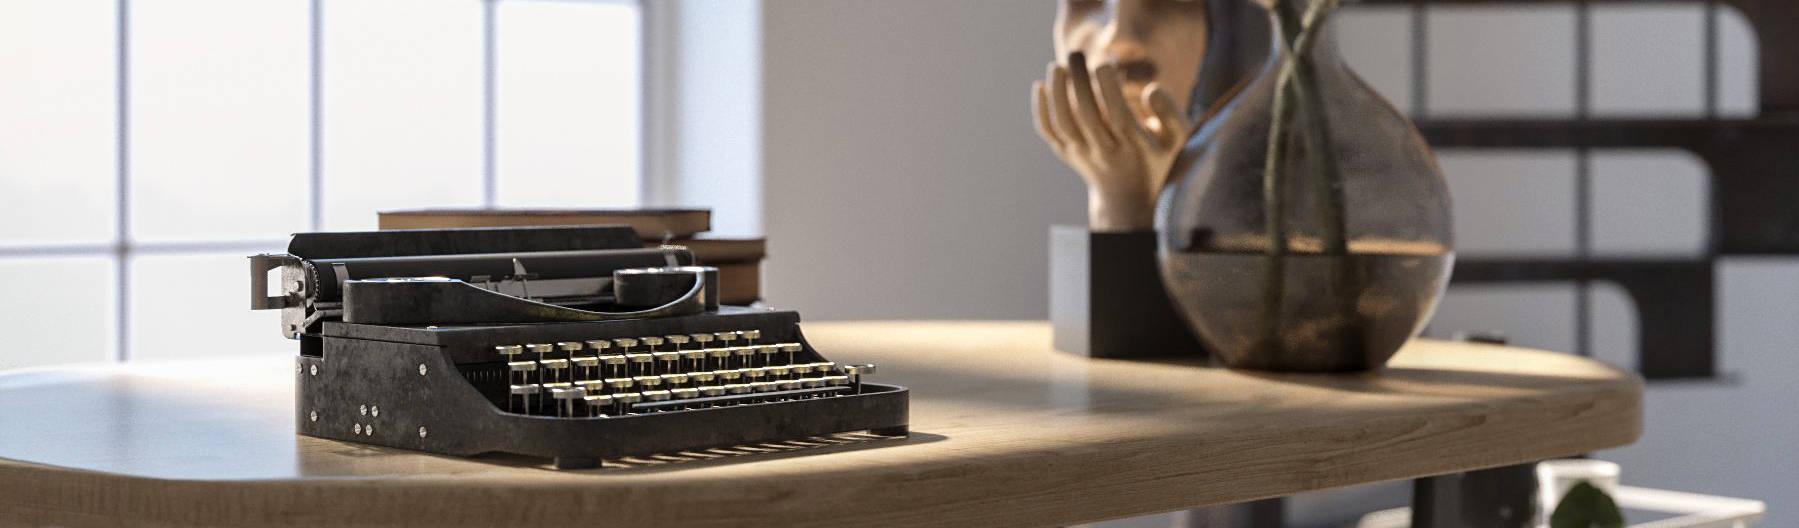 Gianluca Muti Interior & 3D Designer